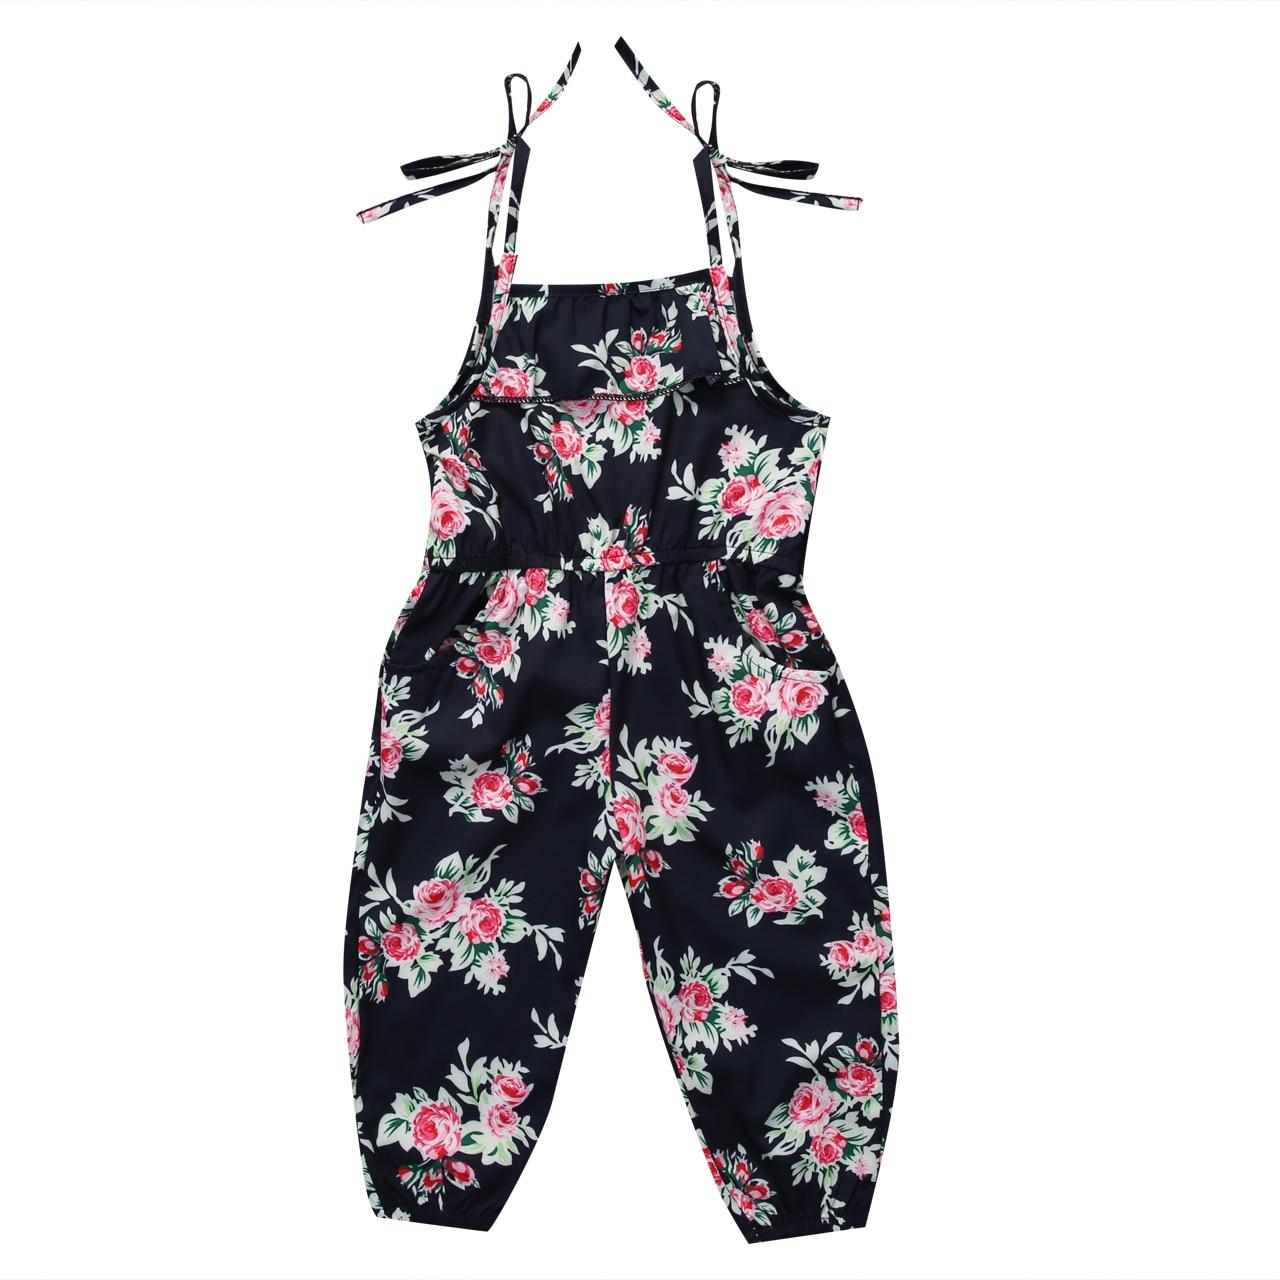 2017 Uk Newborn Baby Girl Cotton Floral Romper Jumpsuit Kids Sunsuit Clothes Elastic Waist Strap Loose Romper